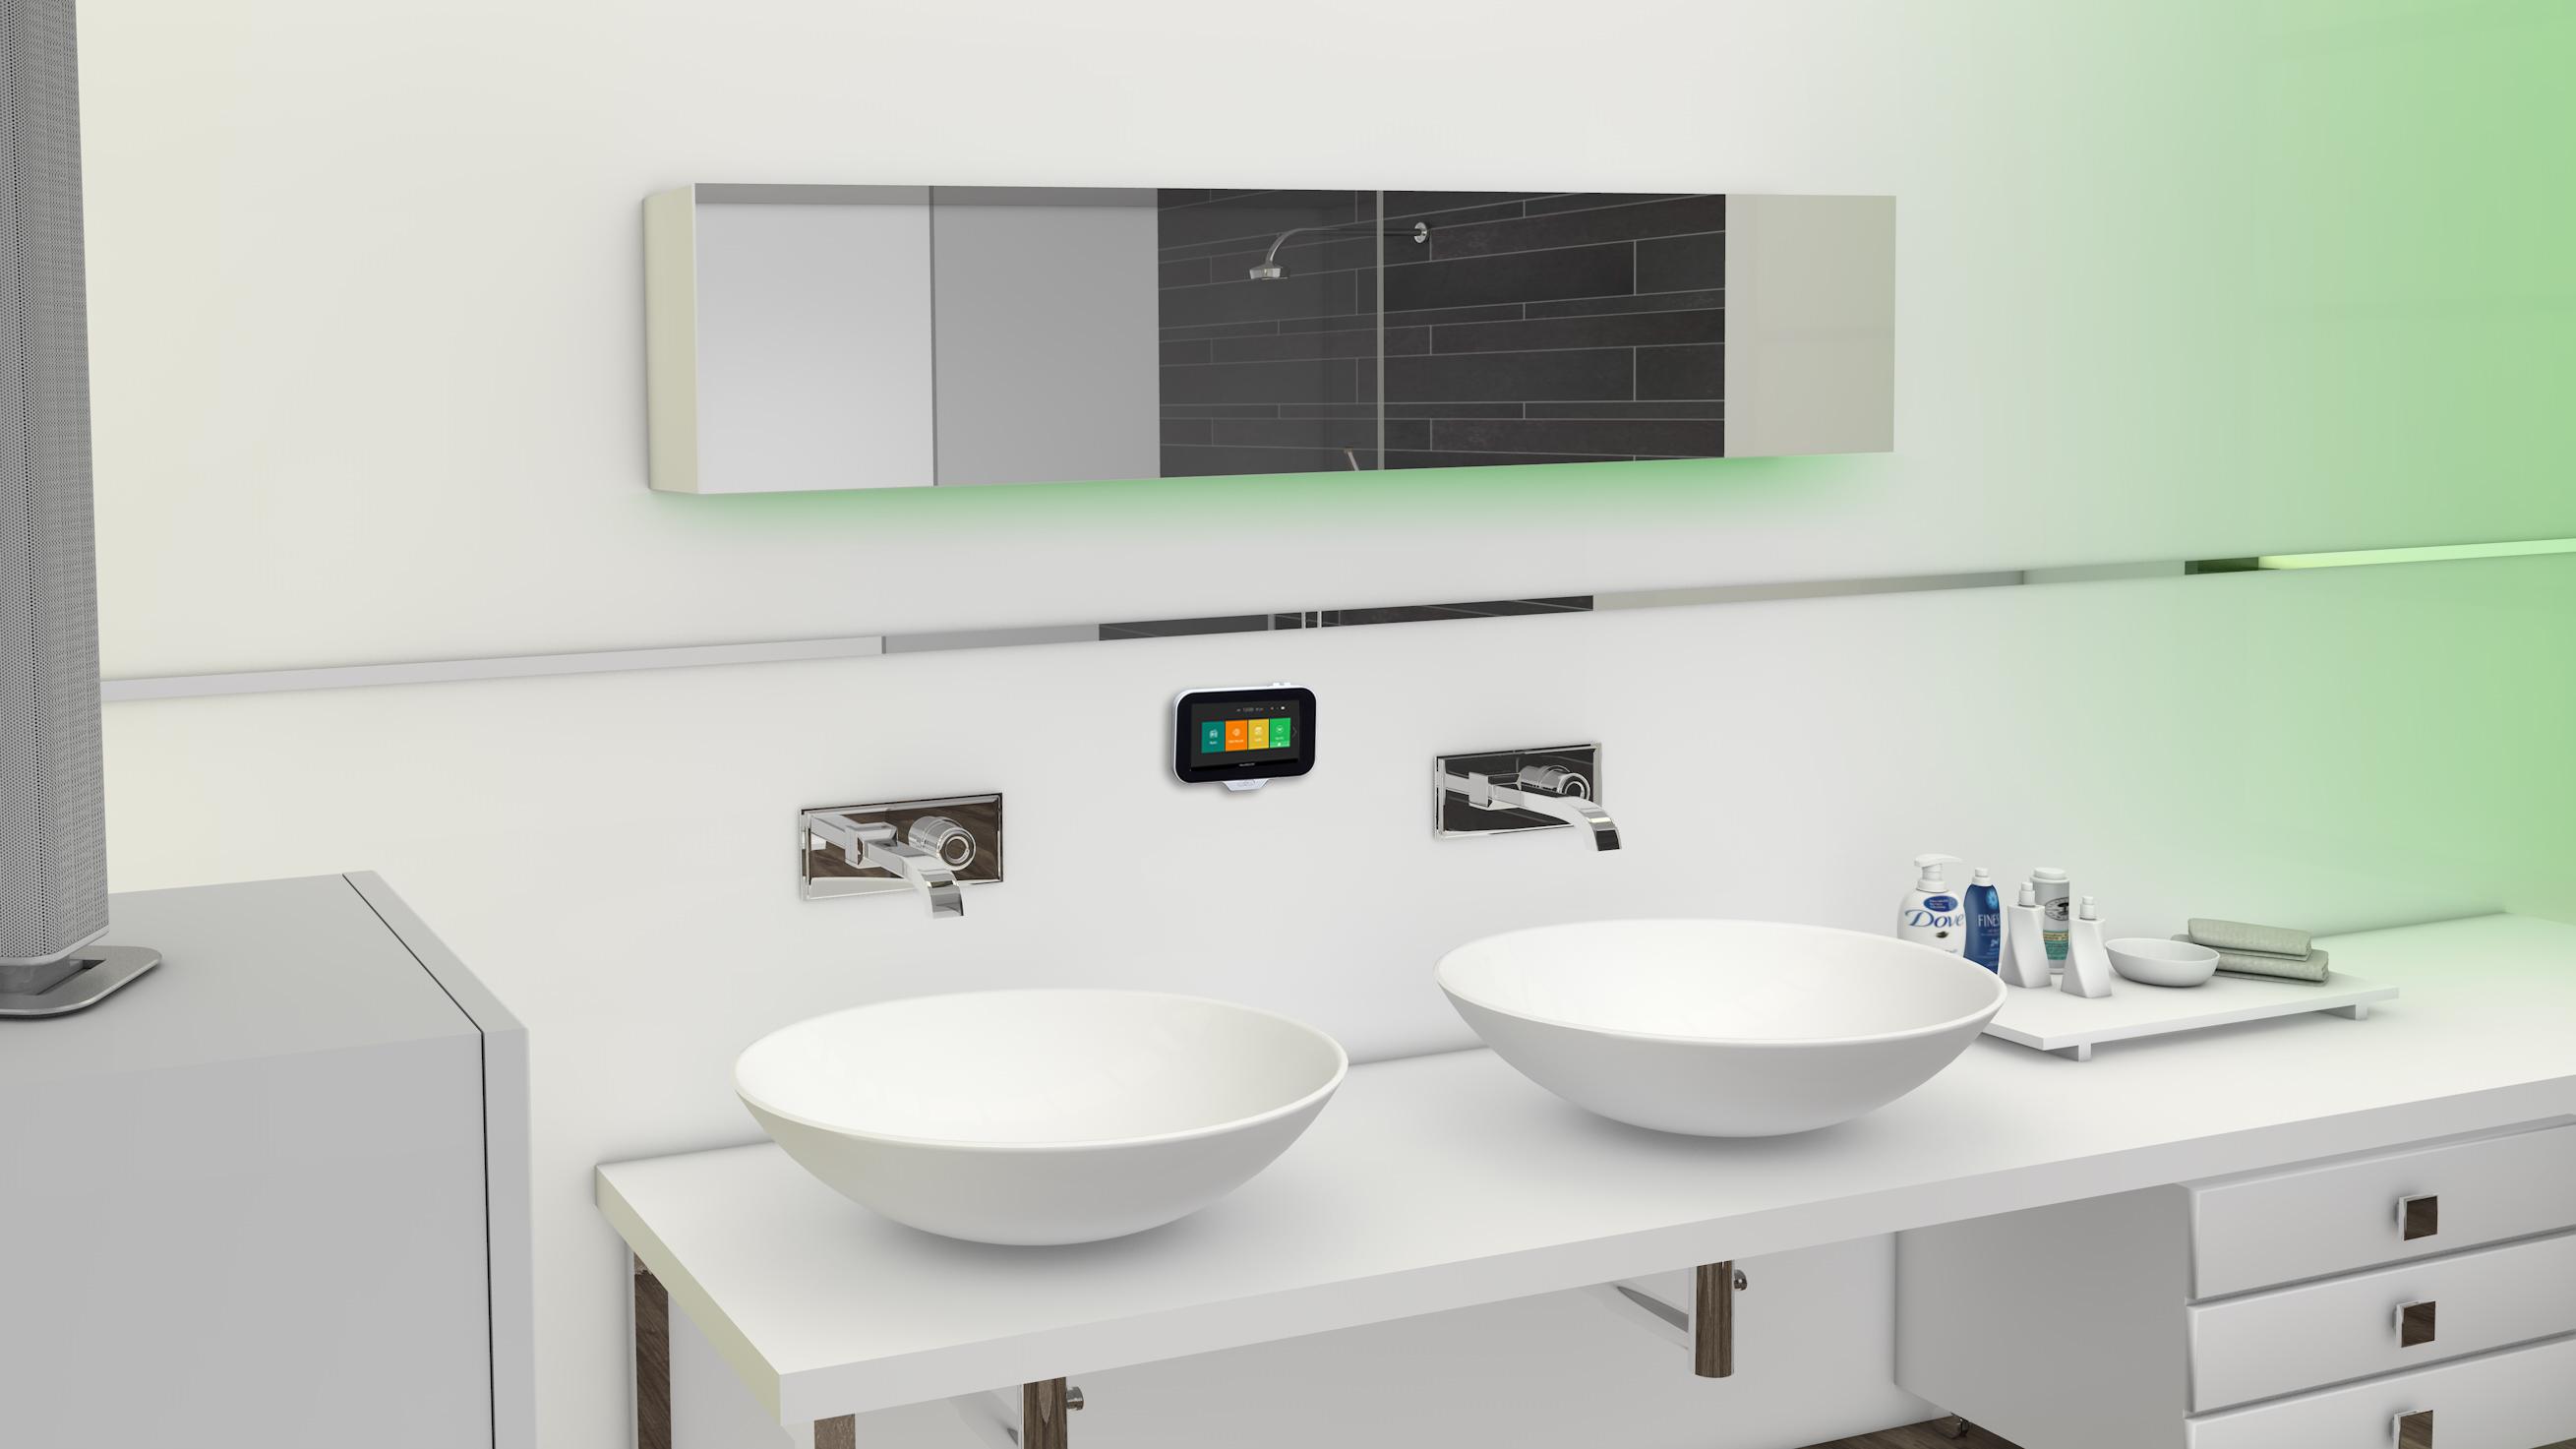 Muziek Badkamer Draadloos : Aquasound badkamer ideeën uw badkamer